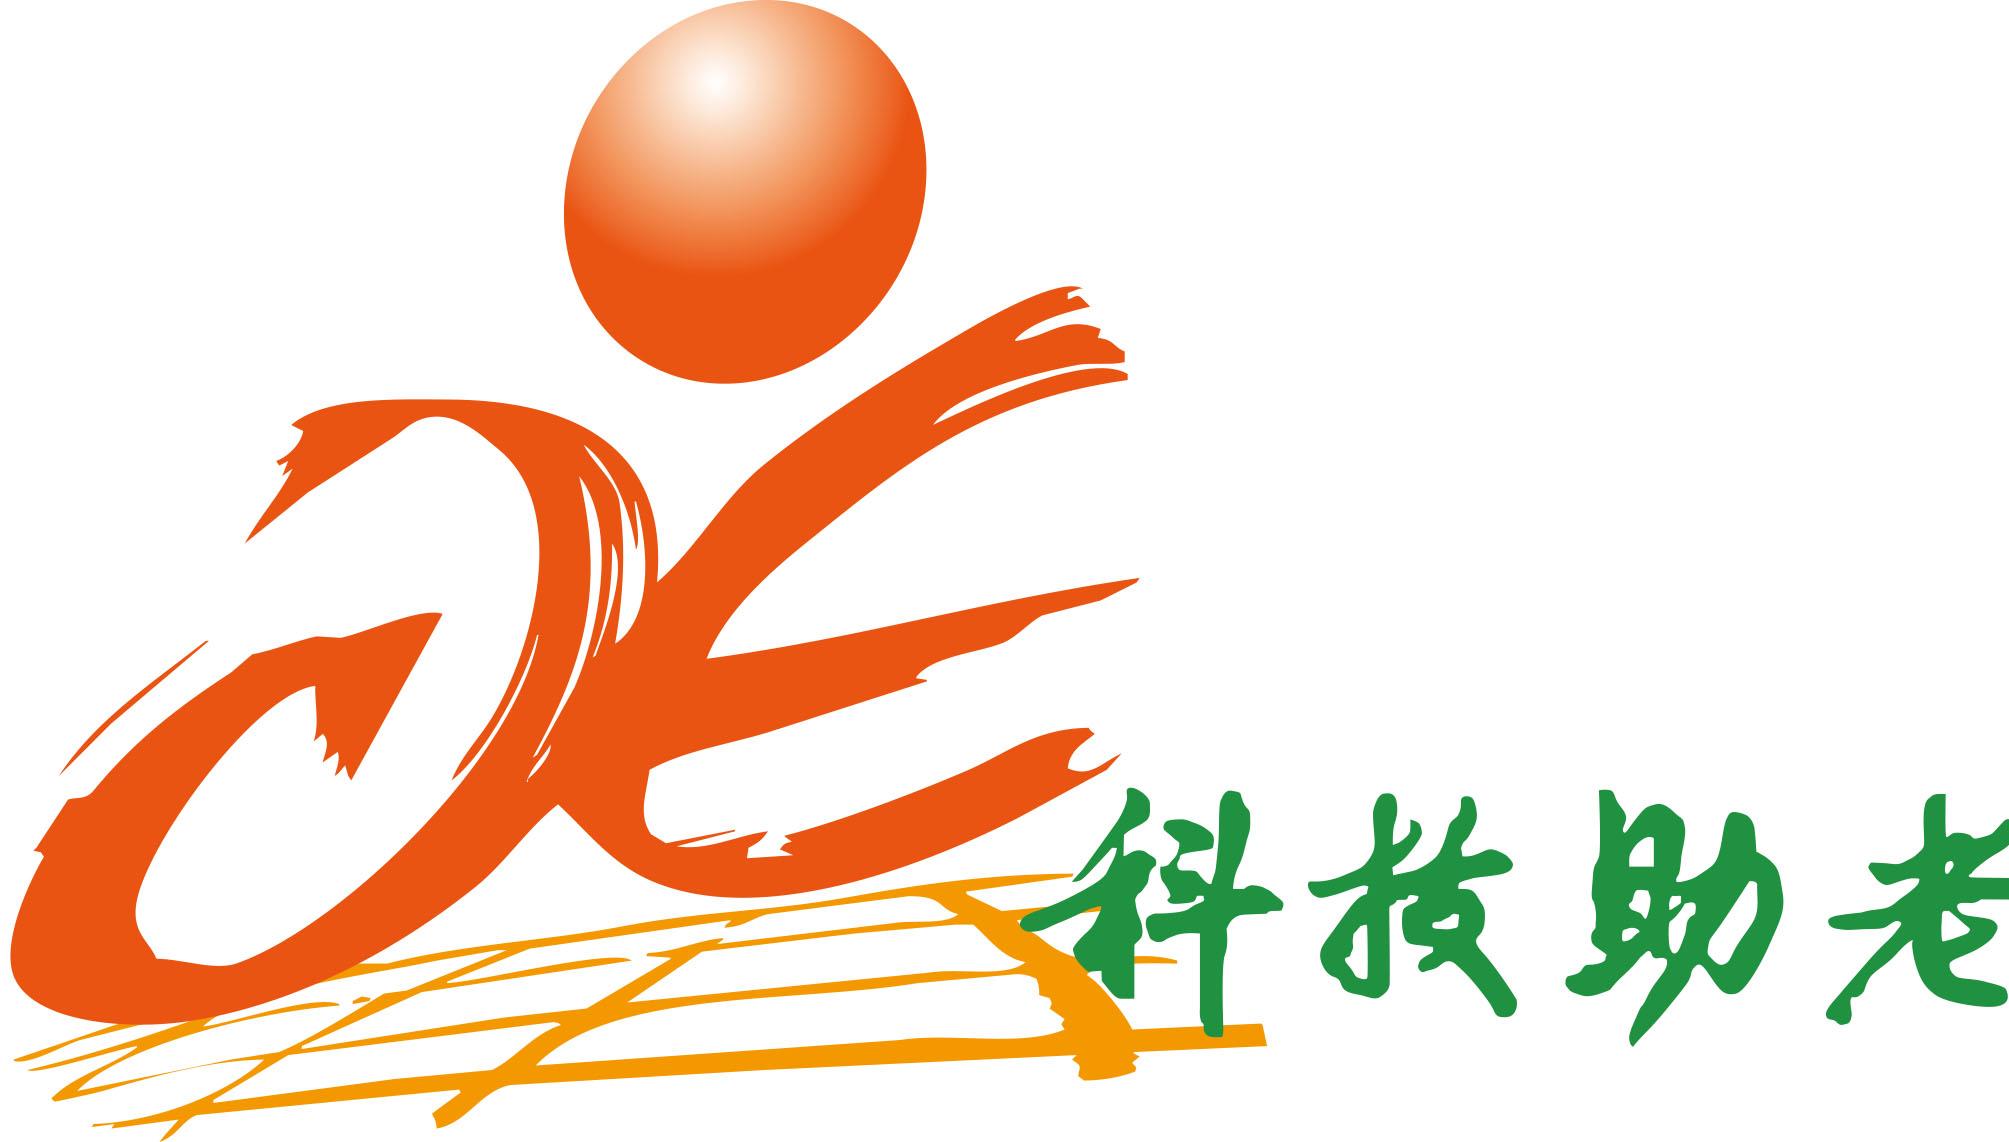 科技节logo设计图片